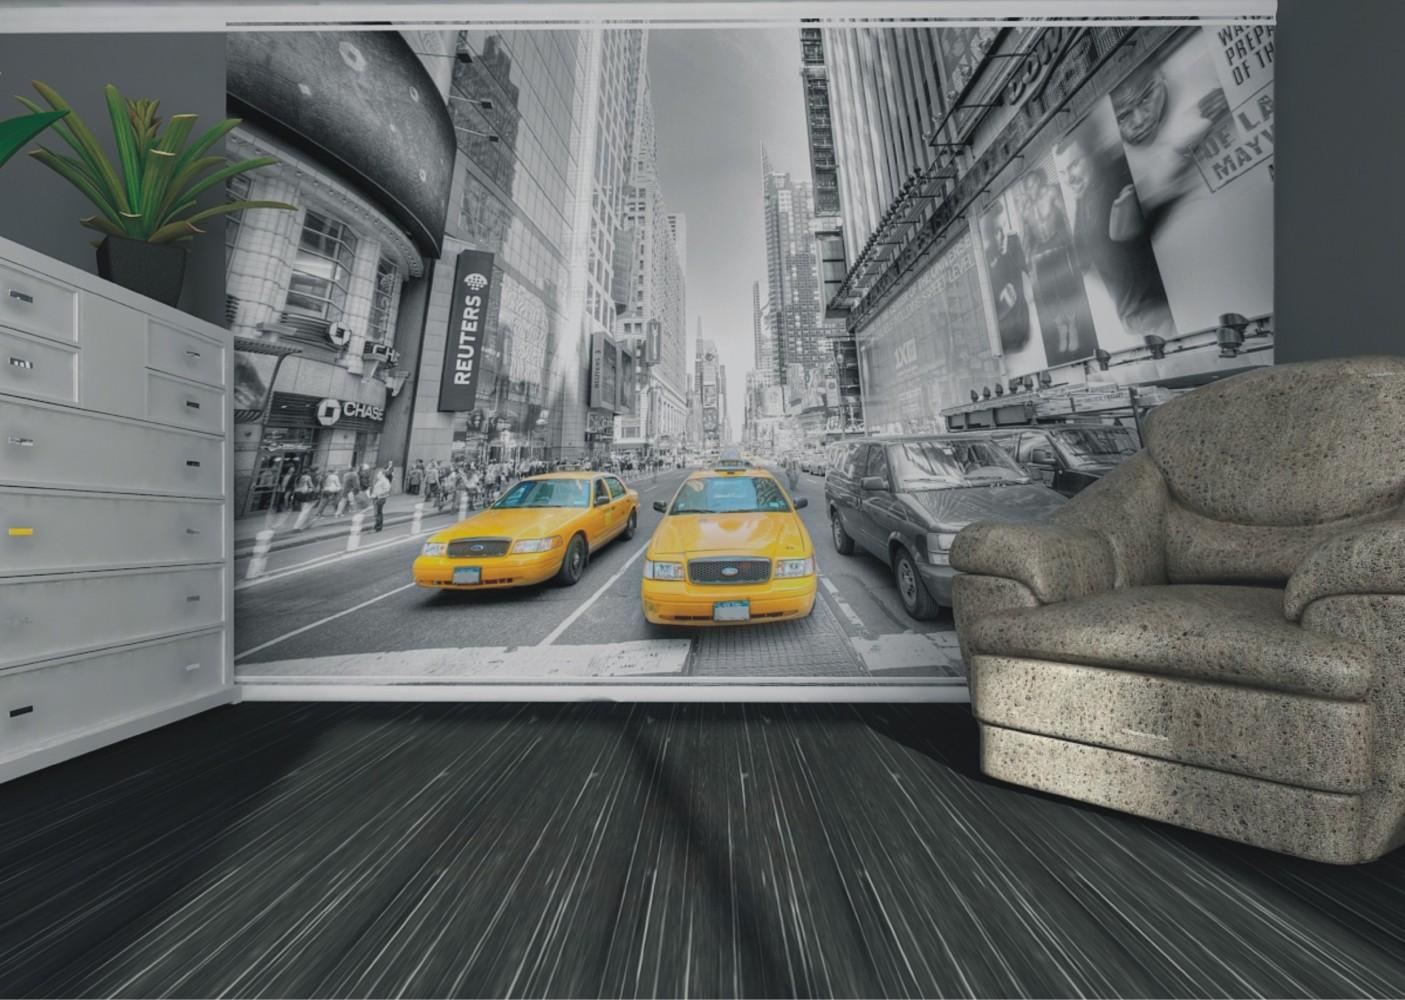 Vliestapete Naht Zu Sehen : Taxi New York Wall Mural